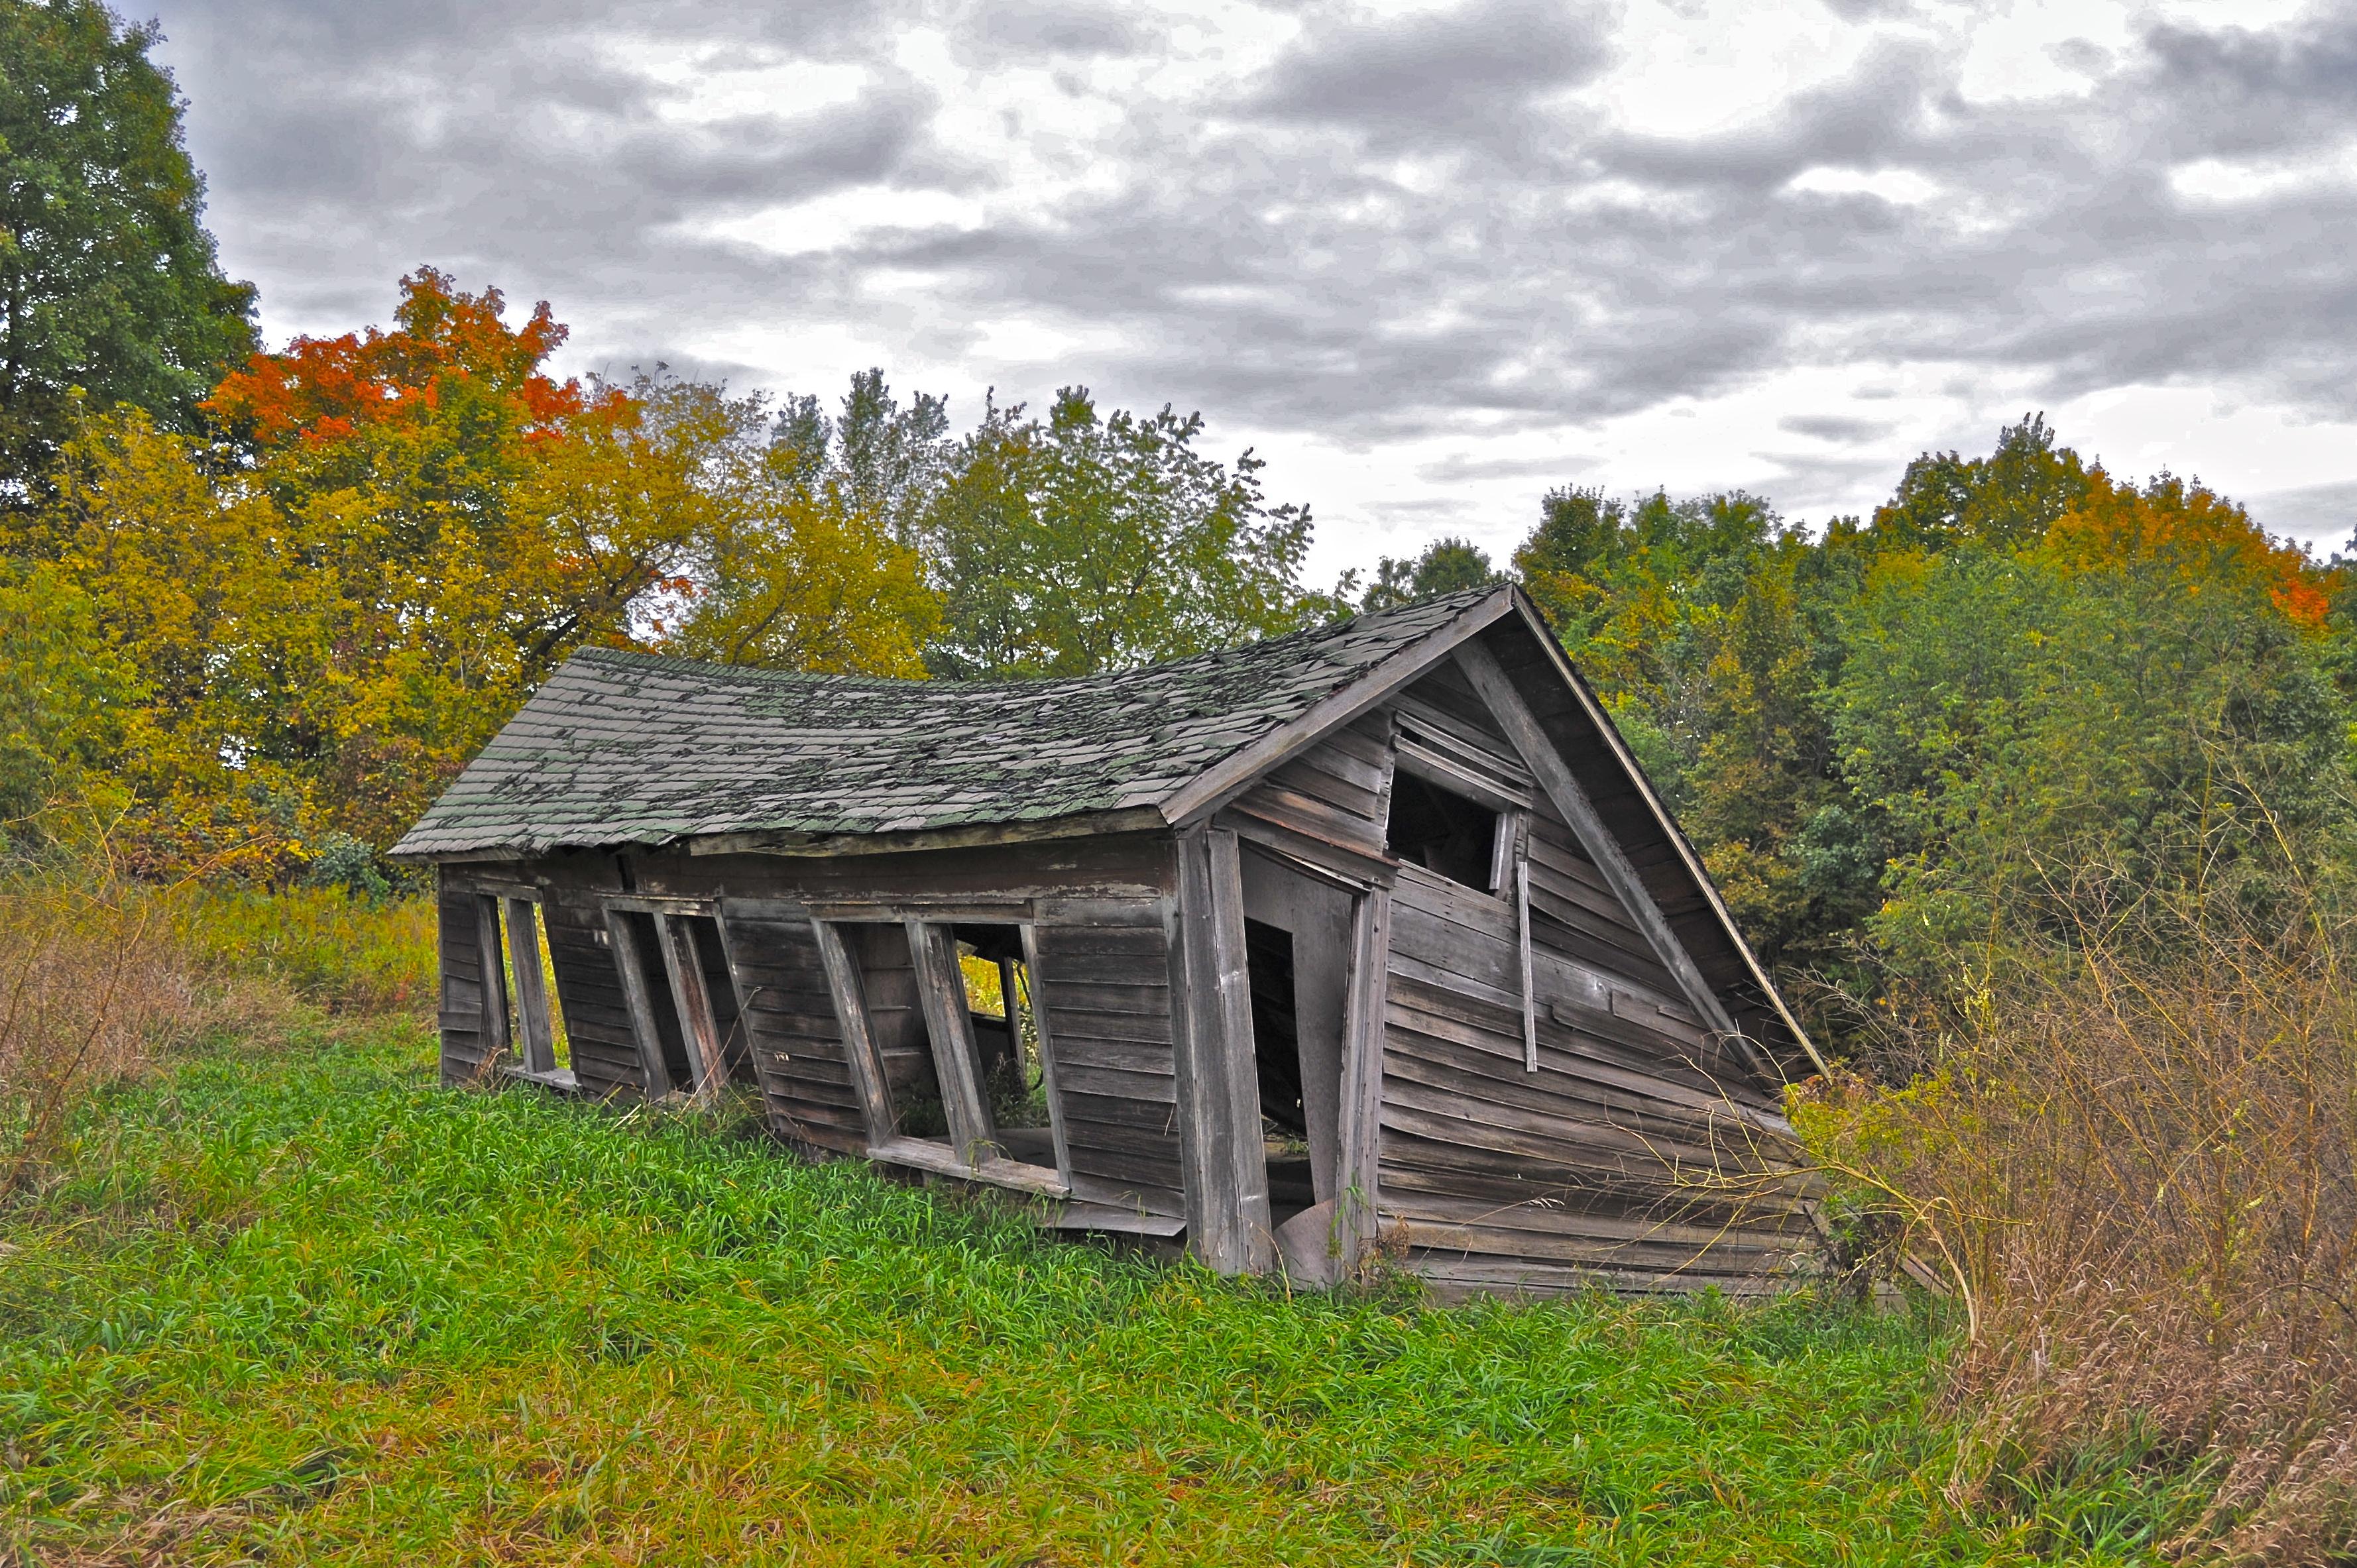 Rural farmsteads, chicken coop photo